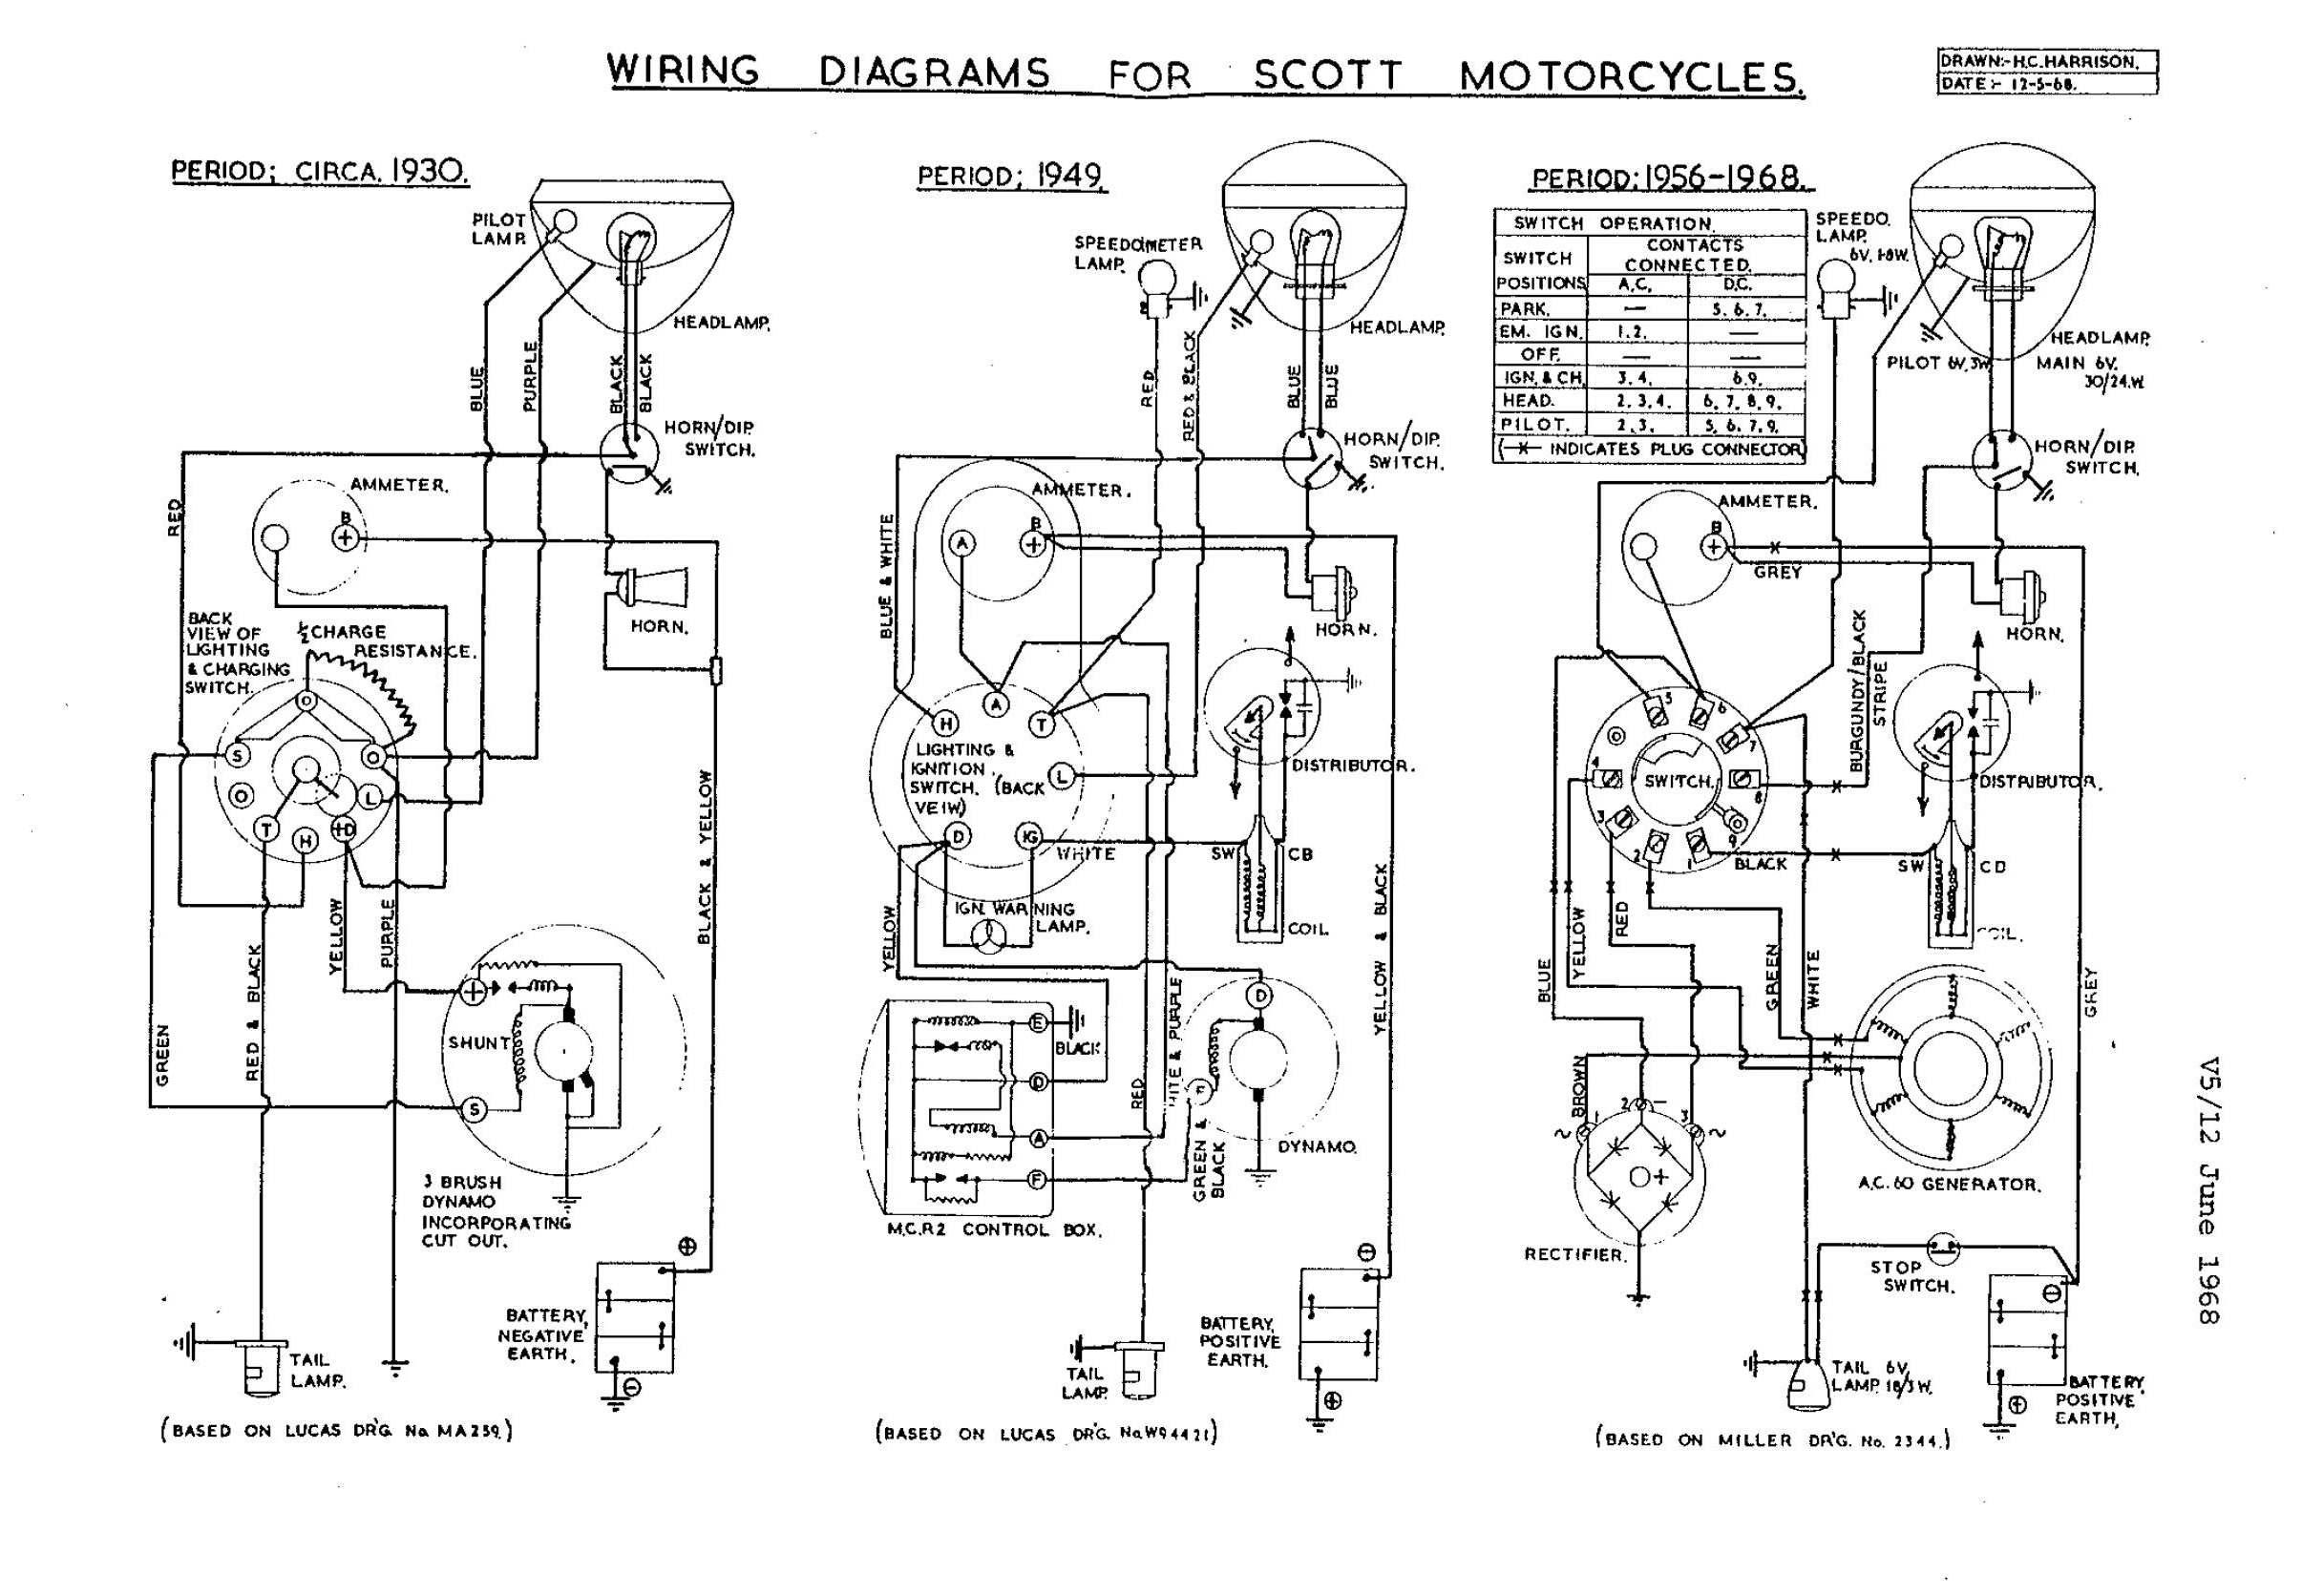 Skyjack Scissor Lift Battery Diagram Genie 1930 Wiring Scott Diagramhtml 2433x1672